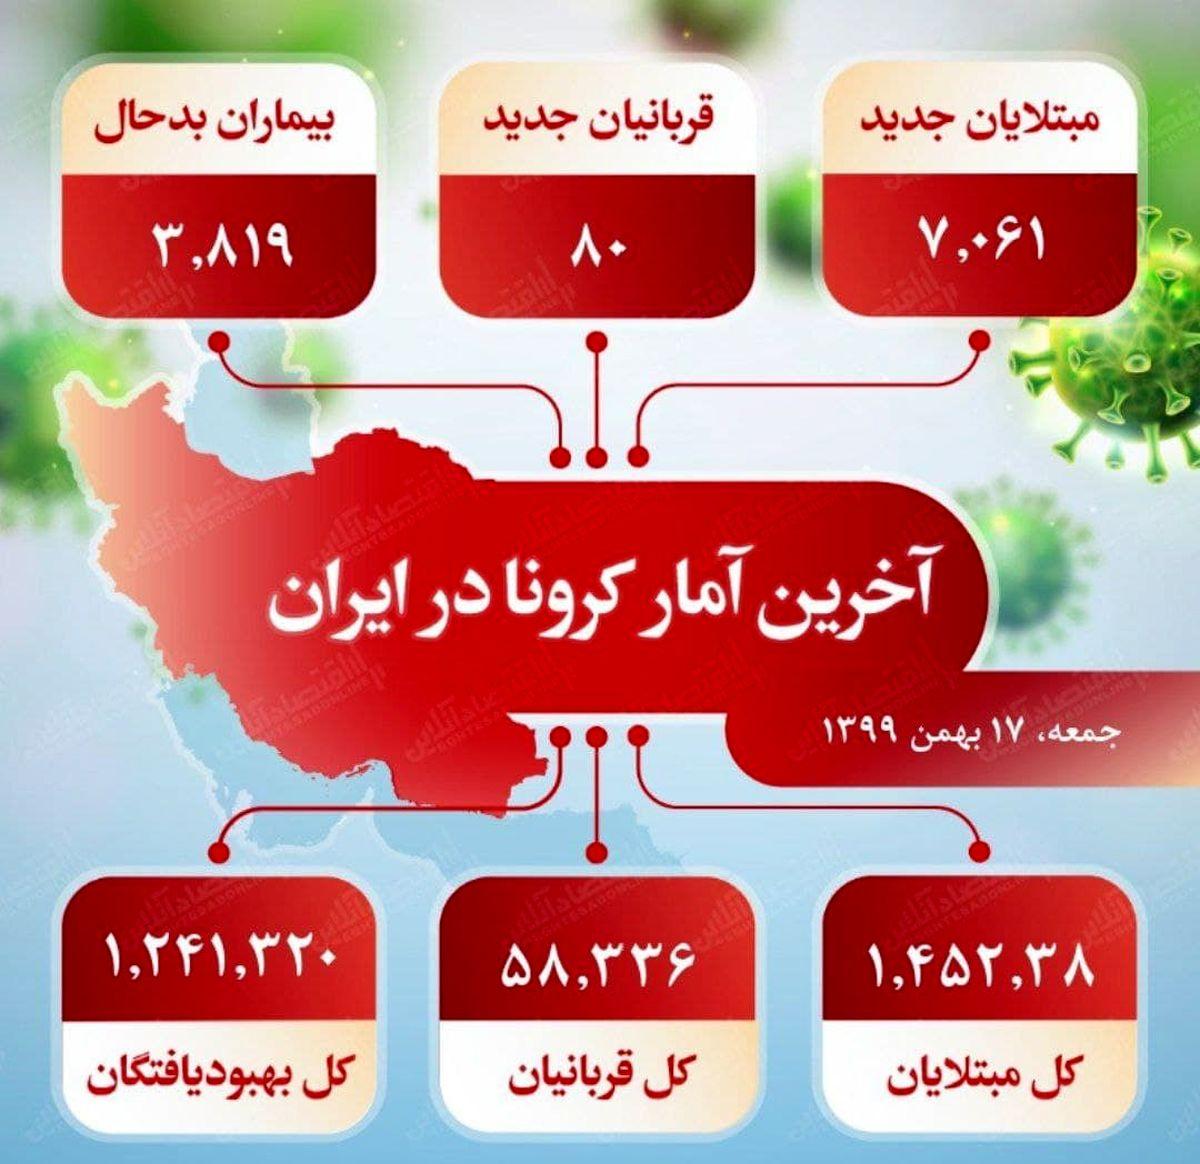 آخرین آمار کرونا در ایران (۹۹/۱۱/۱۷)